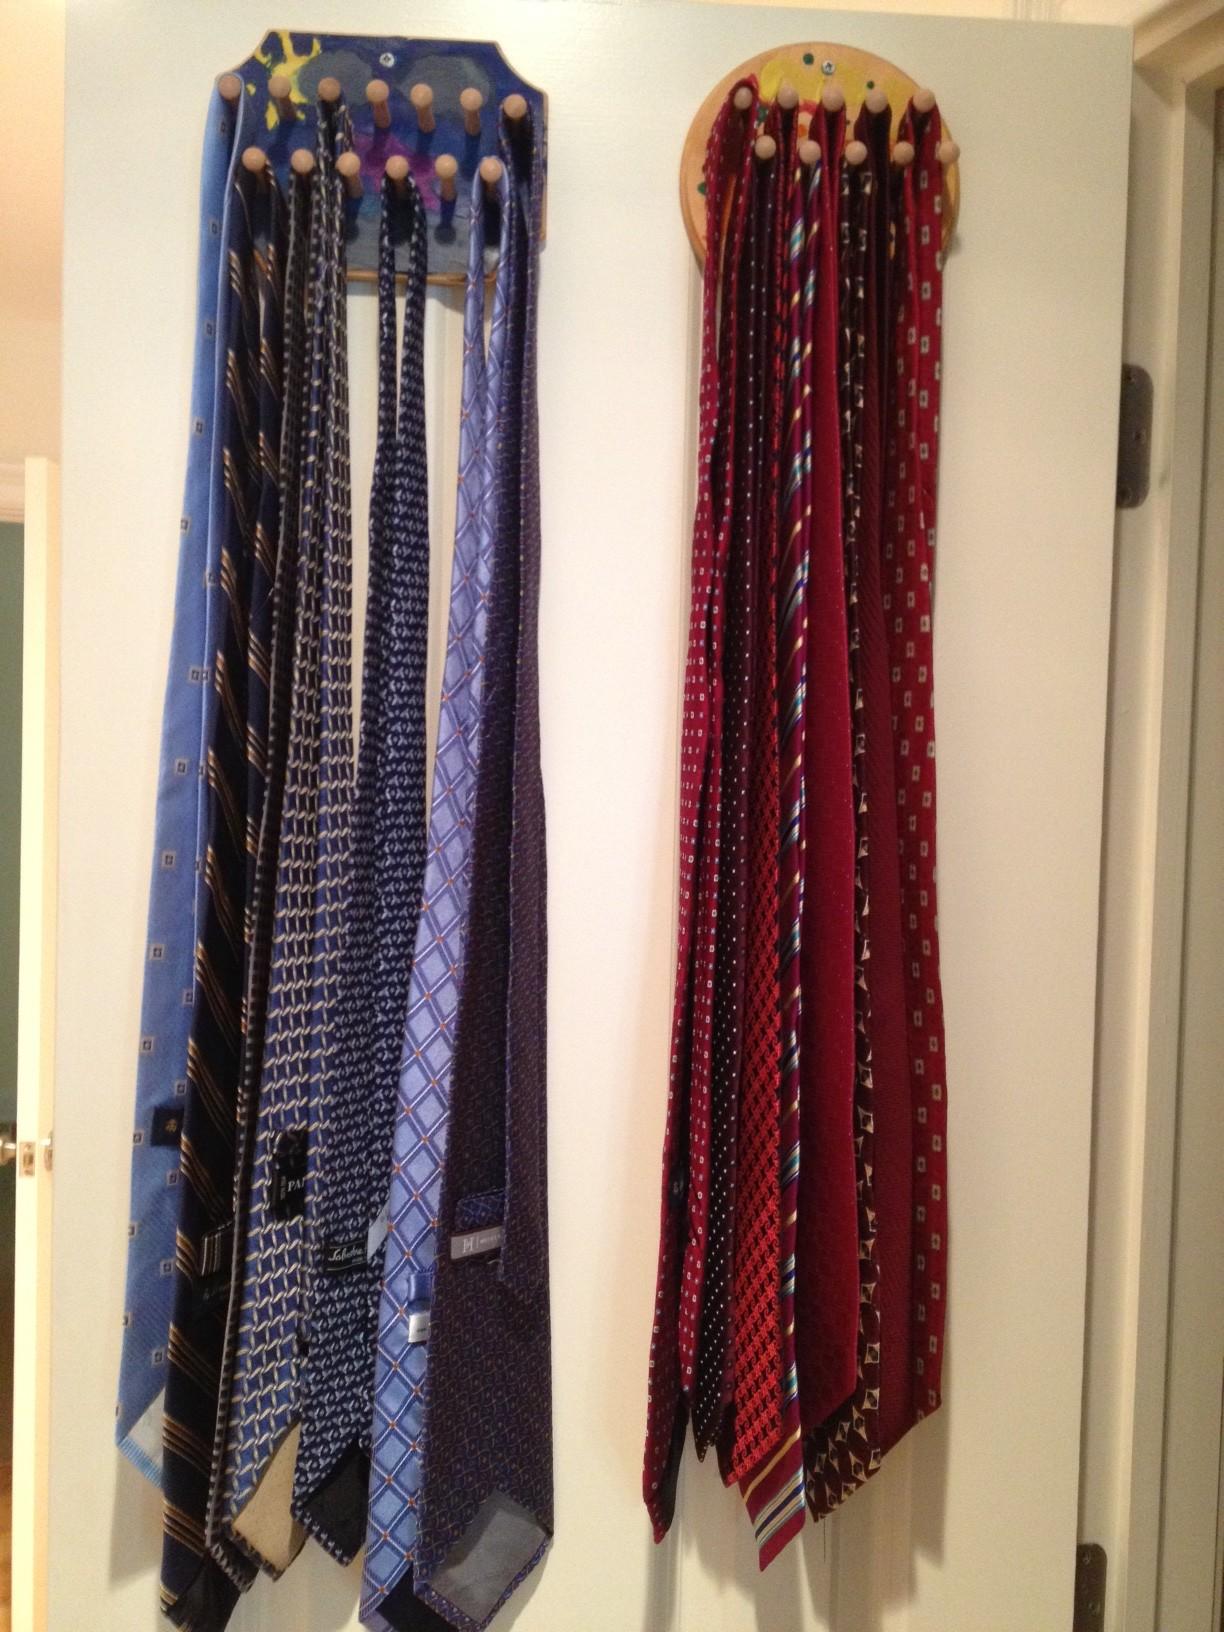 how to organize a closet the seana method